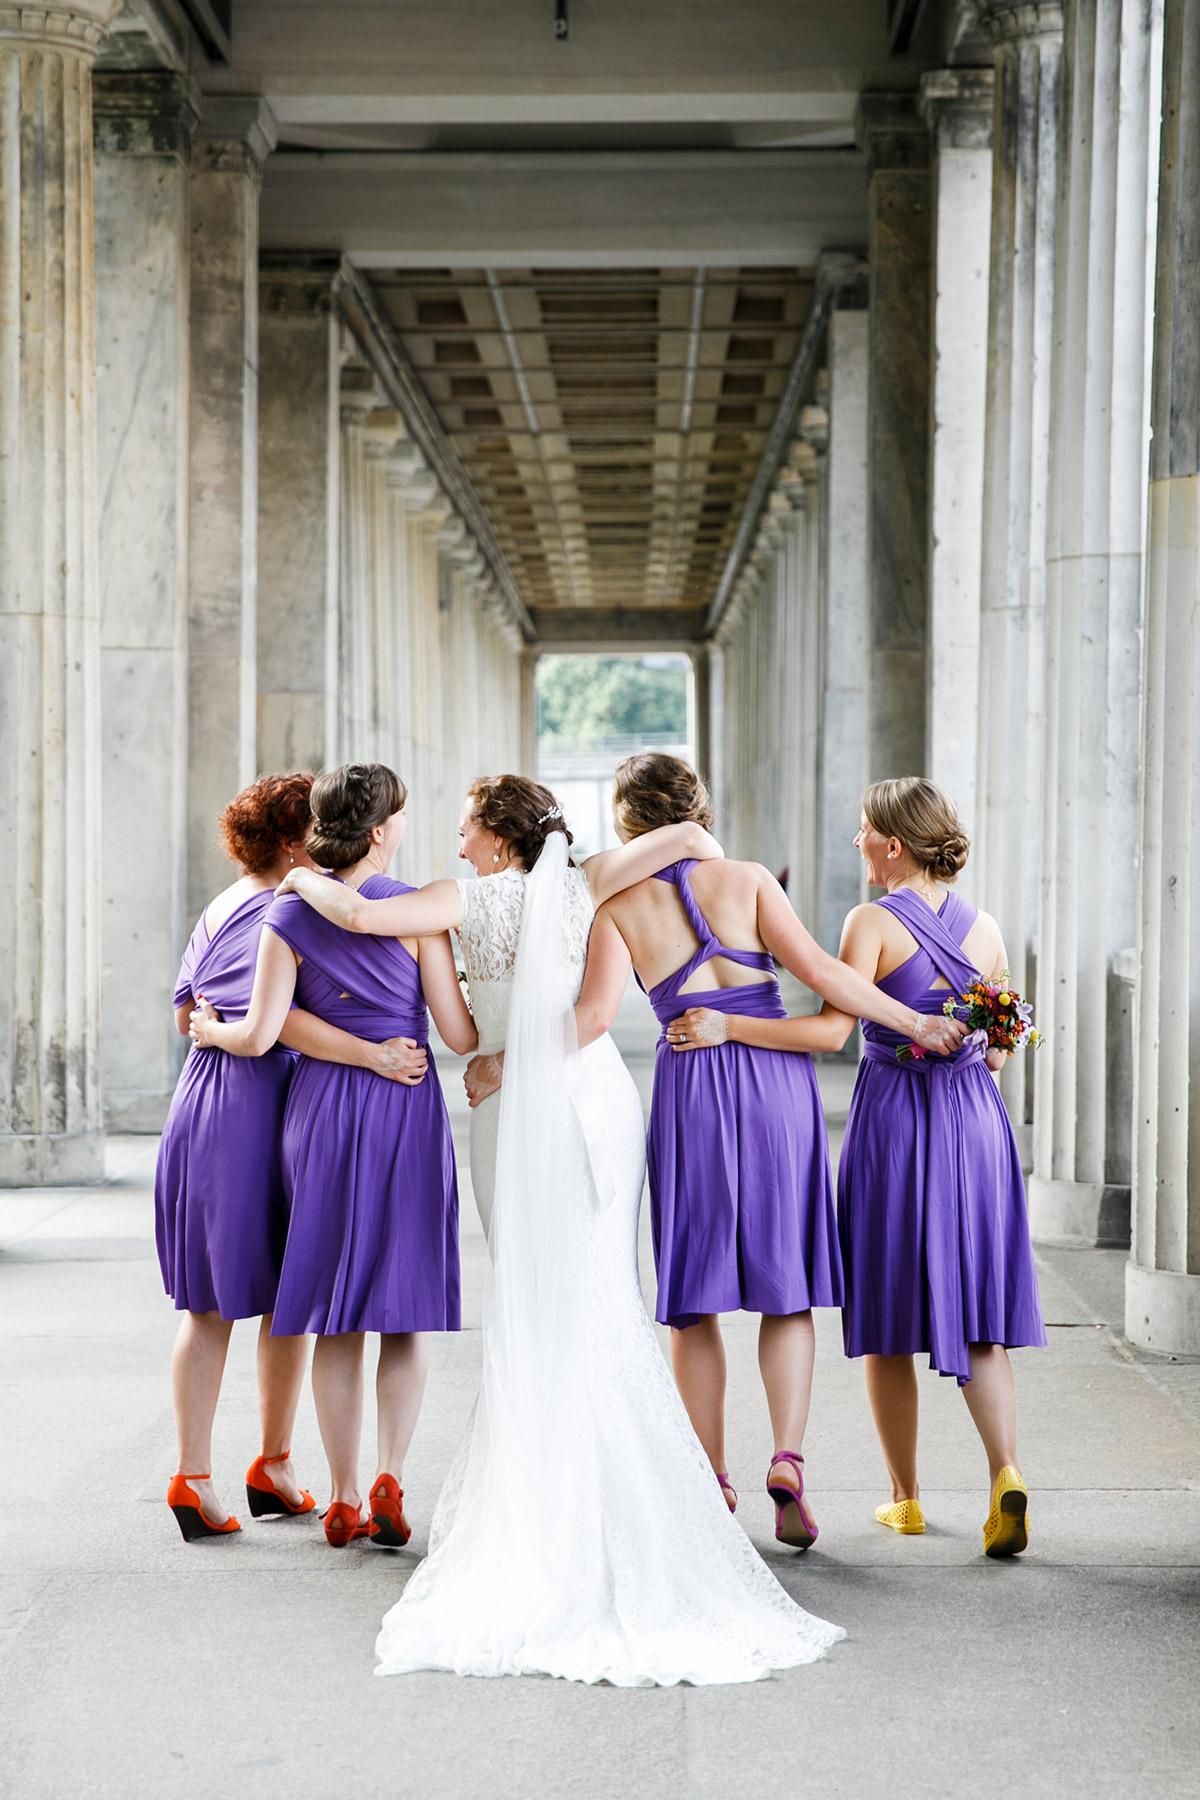 ausgelassenes Gruppenfoto von Braut mit Brautjungfern - Hotel de Rome Berlin Hochzeitsfotograf © www.hochzeitslicht.de